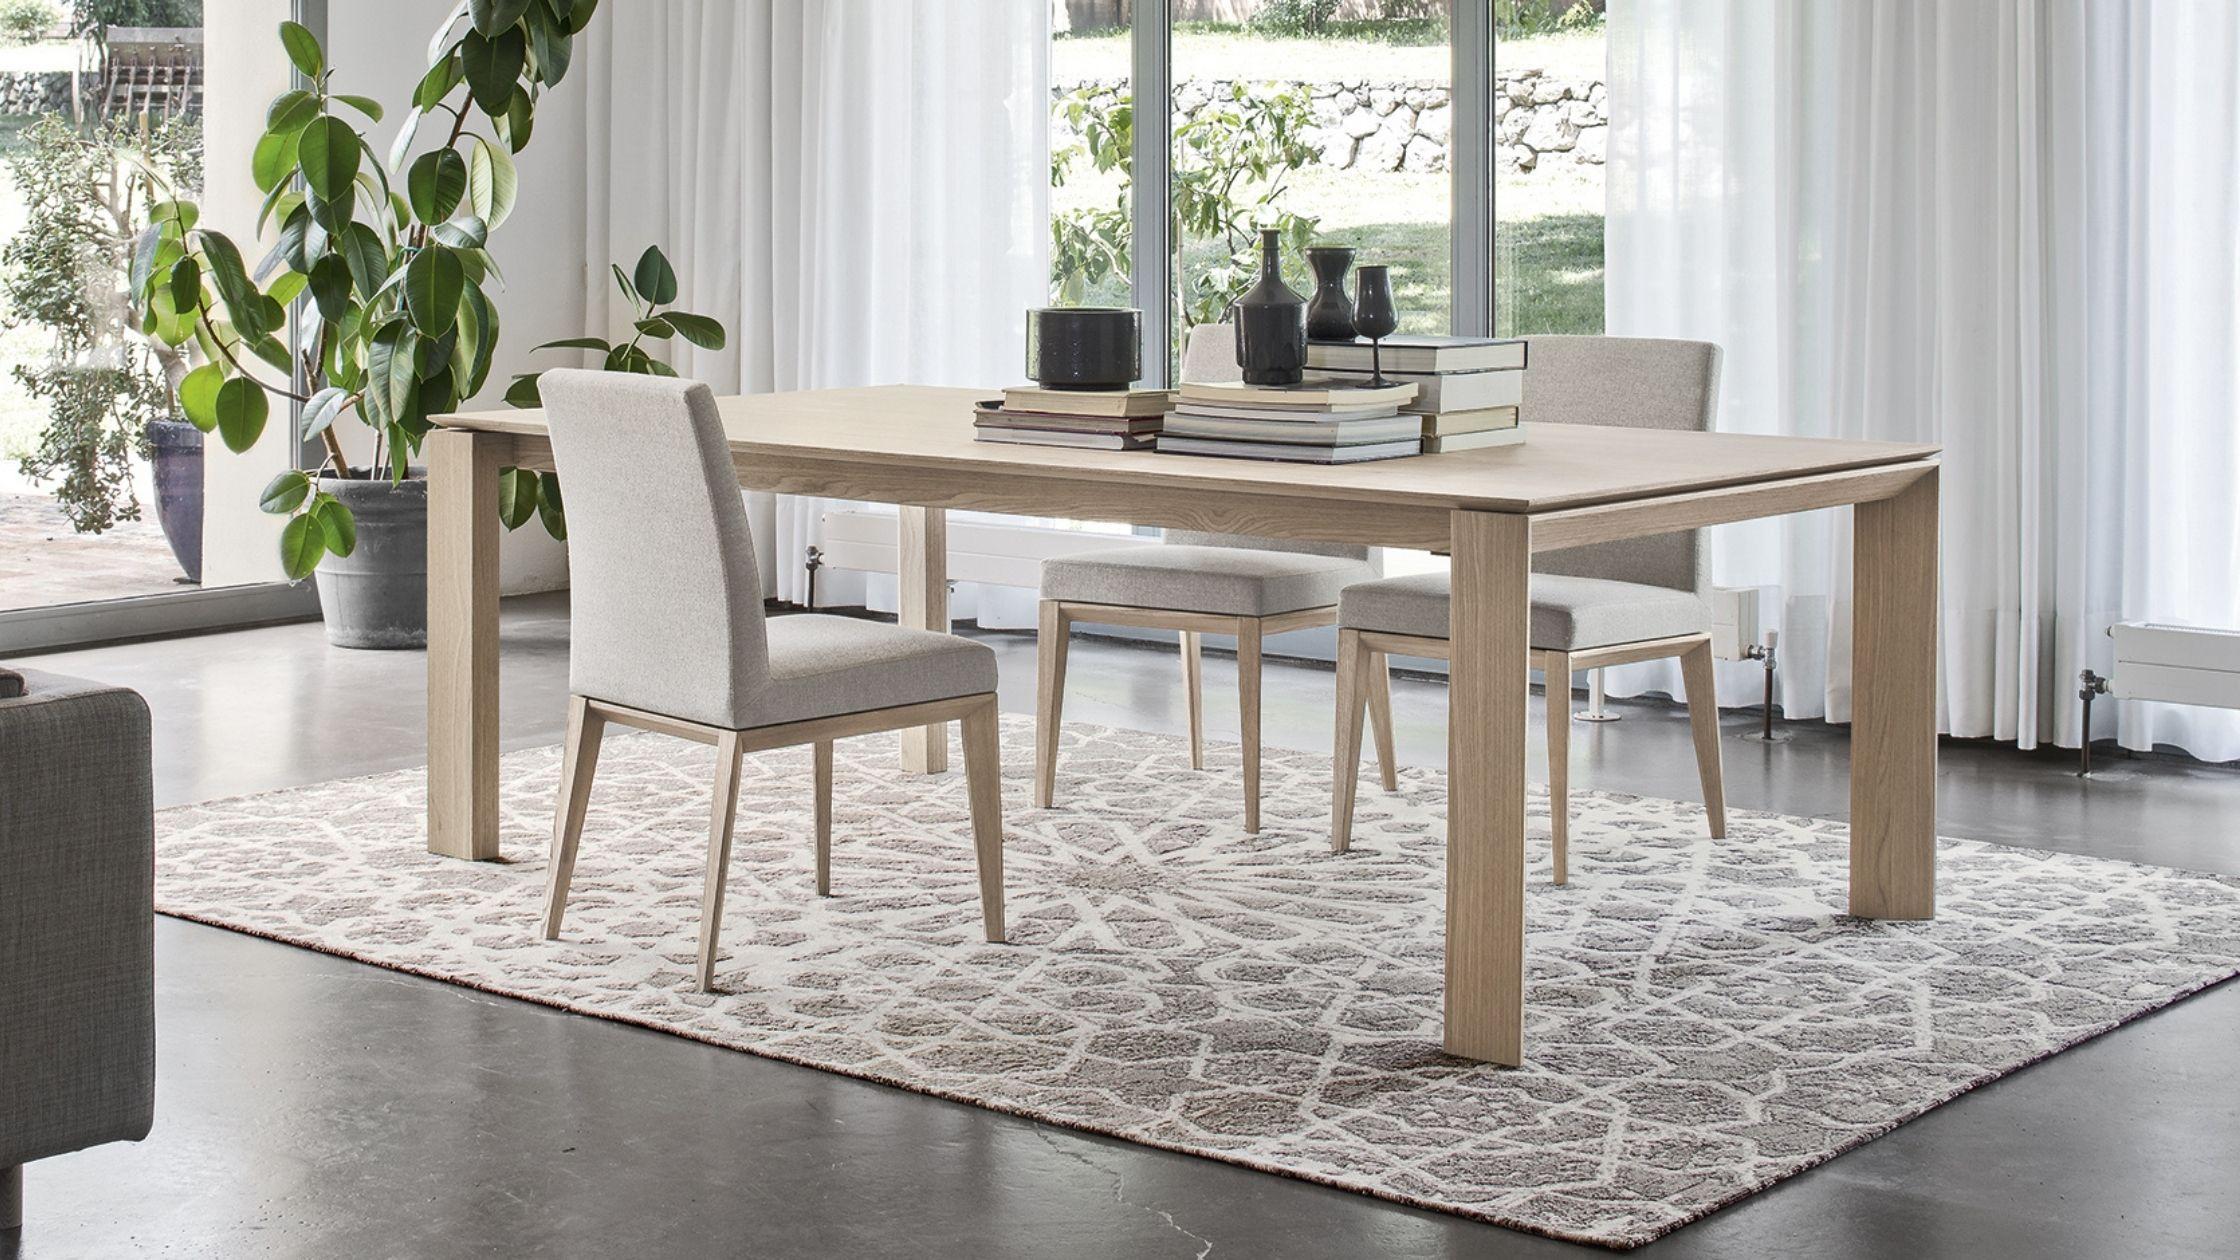 Tavolo super allungabile OMNIA, realizzato interamente in legno.